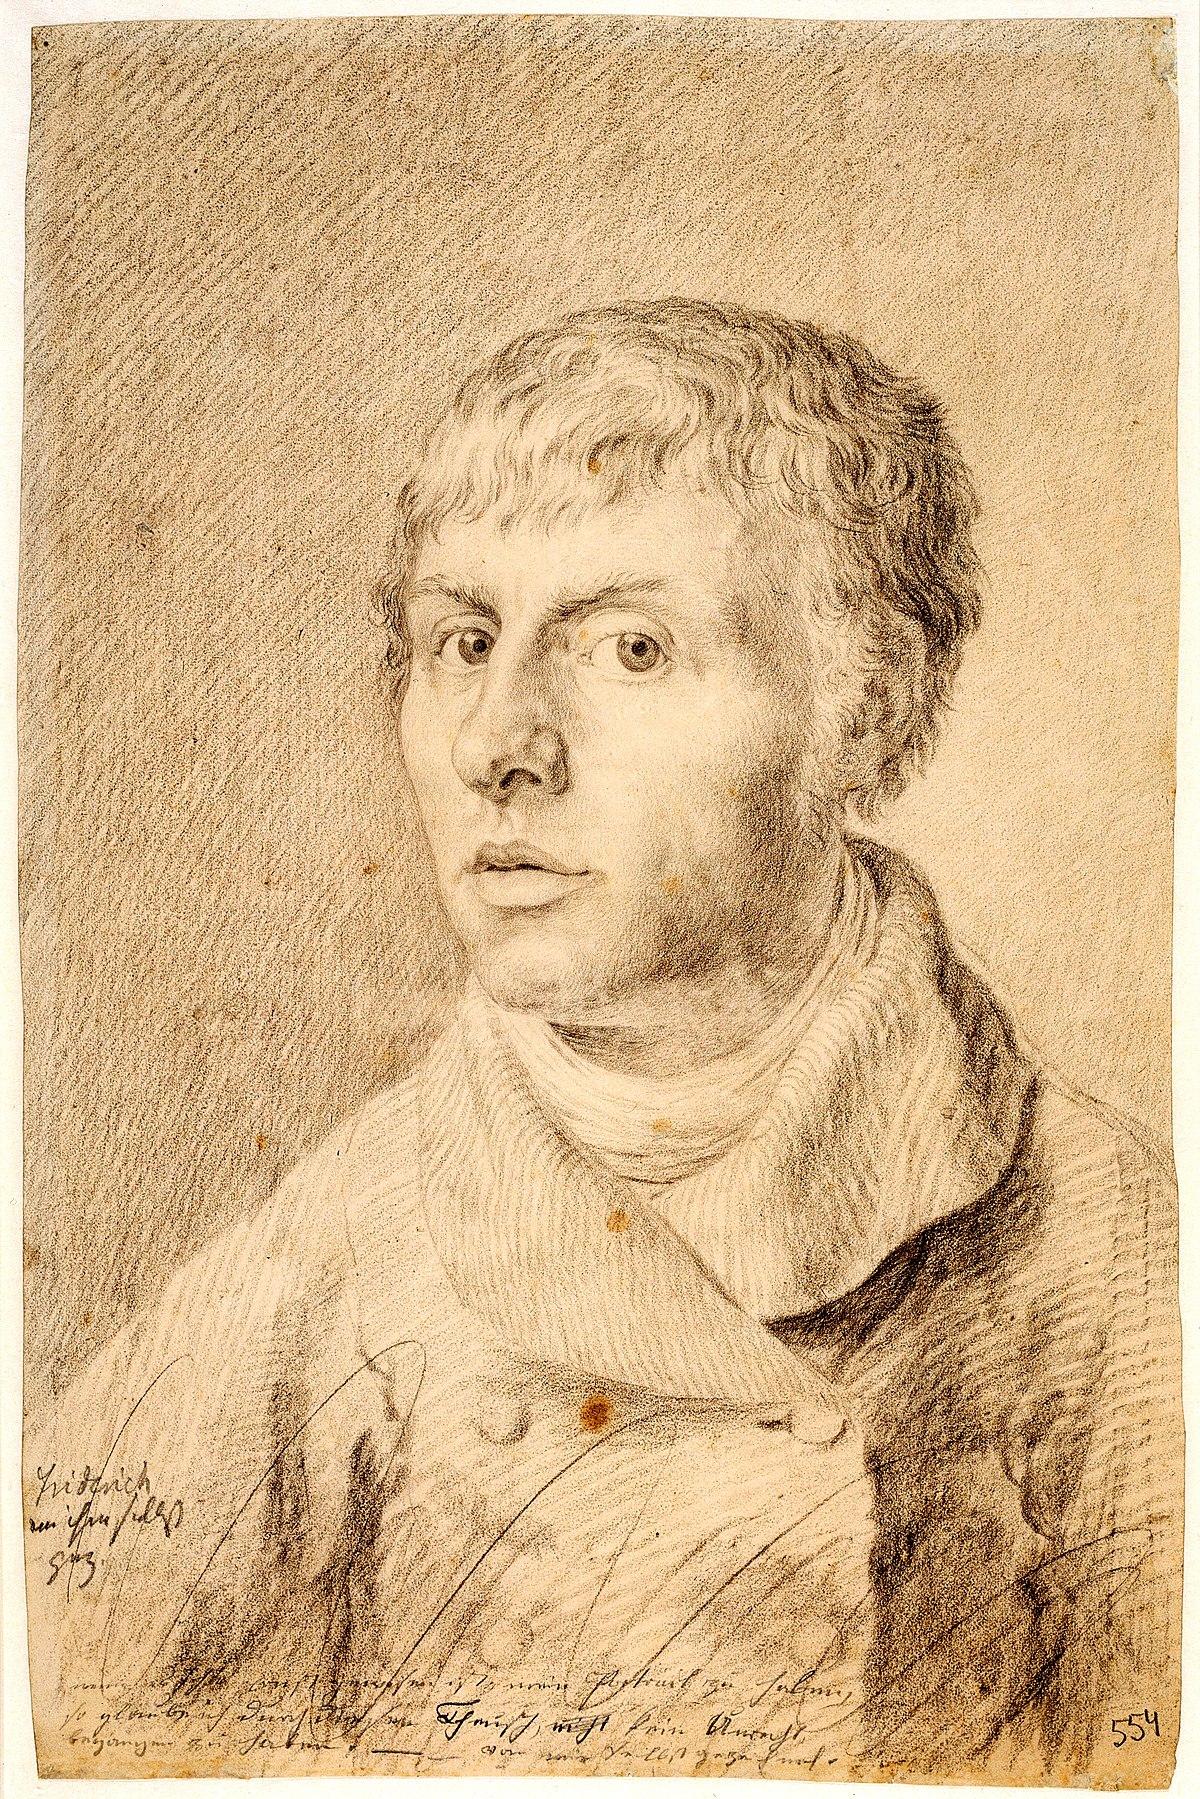 カスパー・ダーヴィト・フリードリヒの画像 p1_40